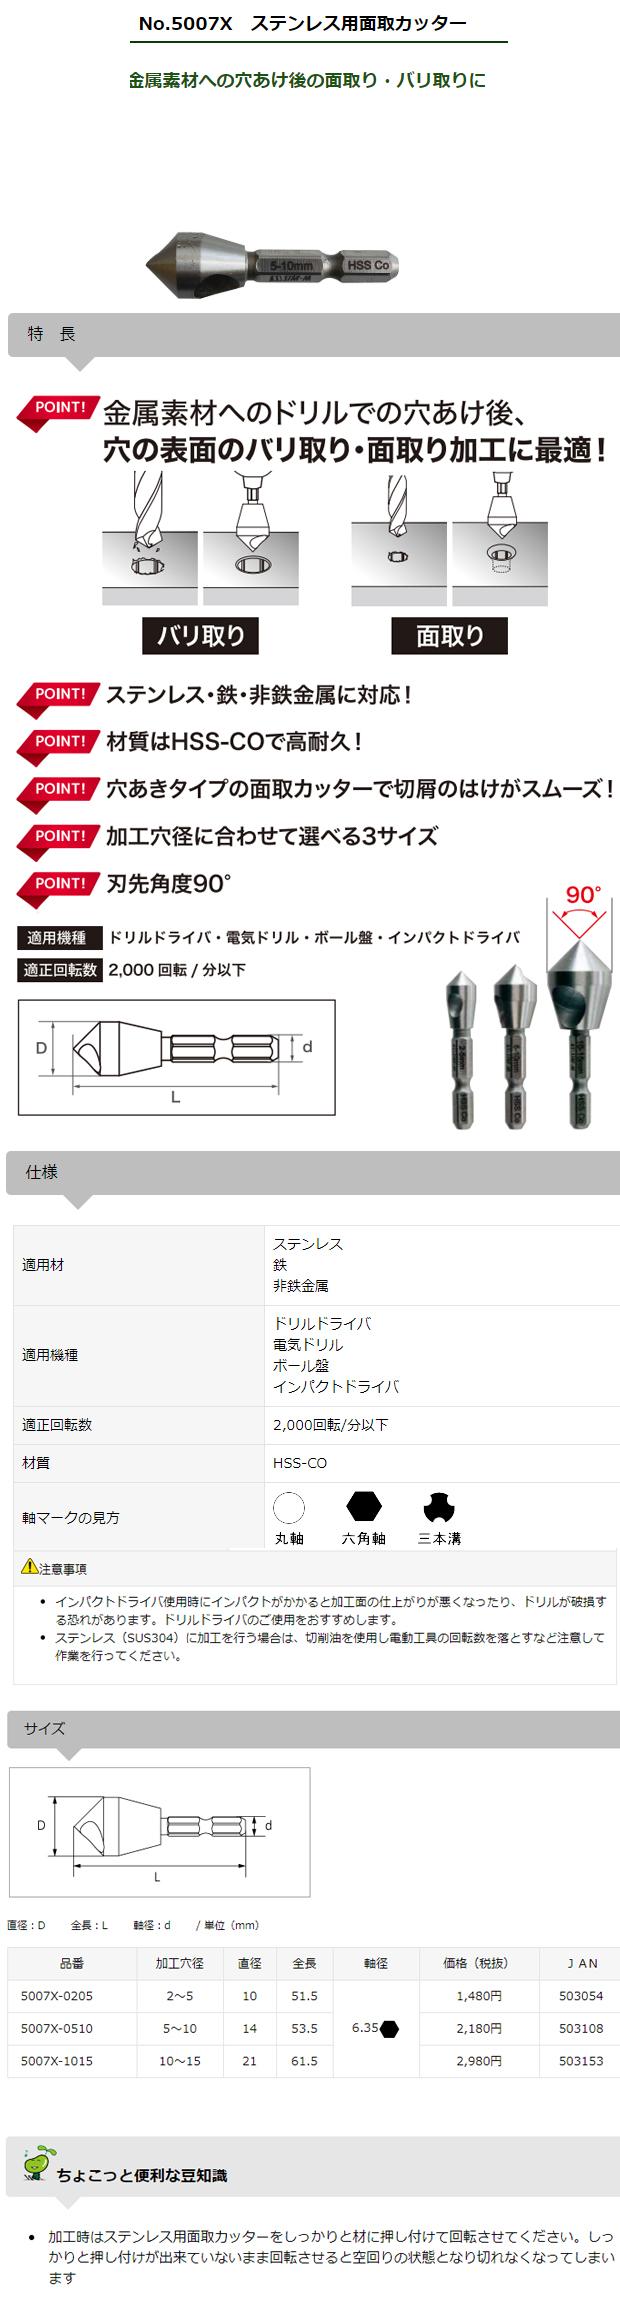 スターエム ステンレス用面取りカッター No.5007X